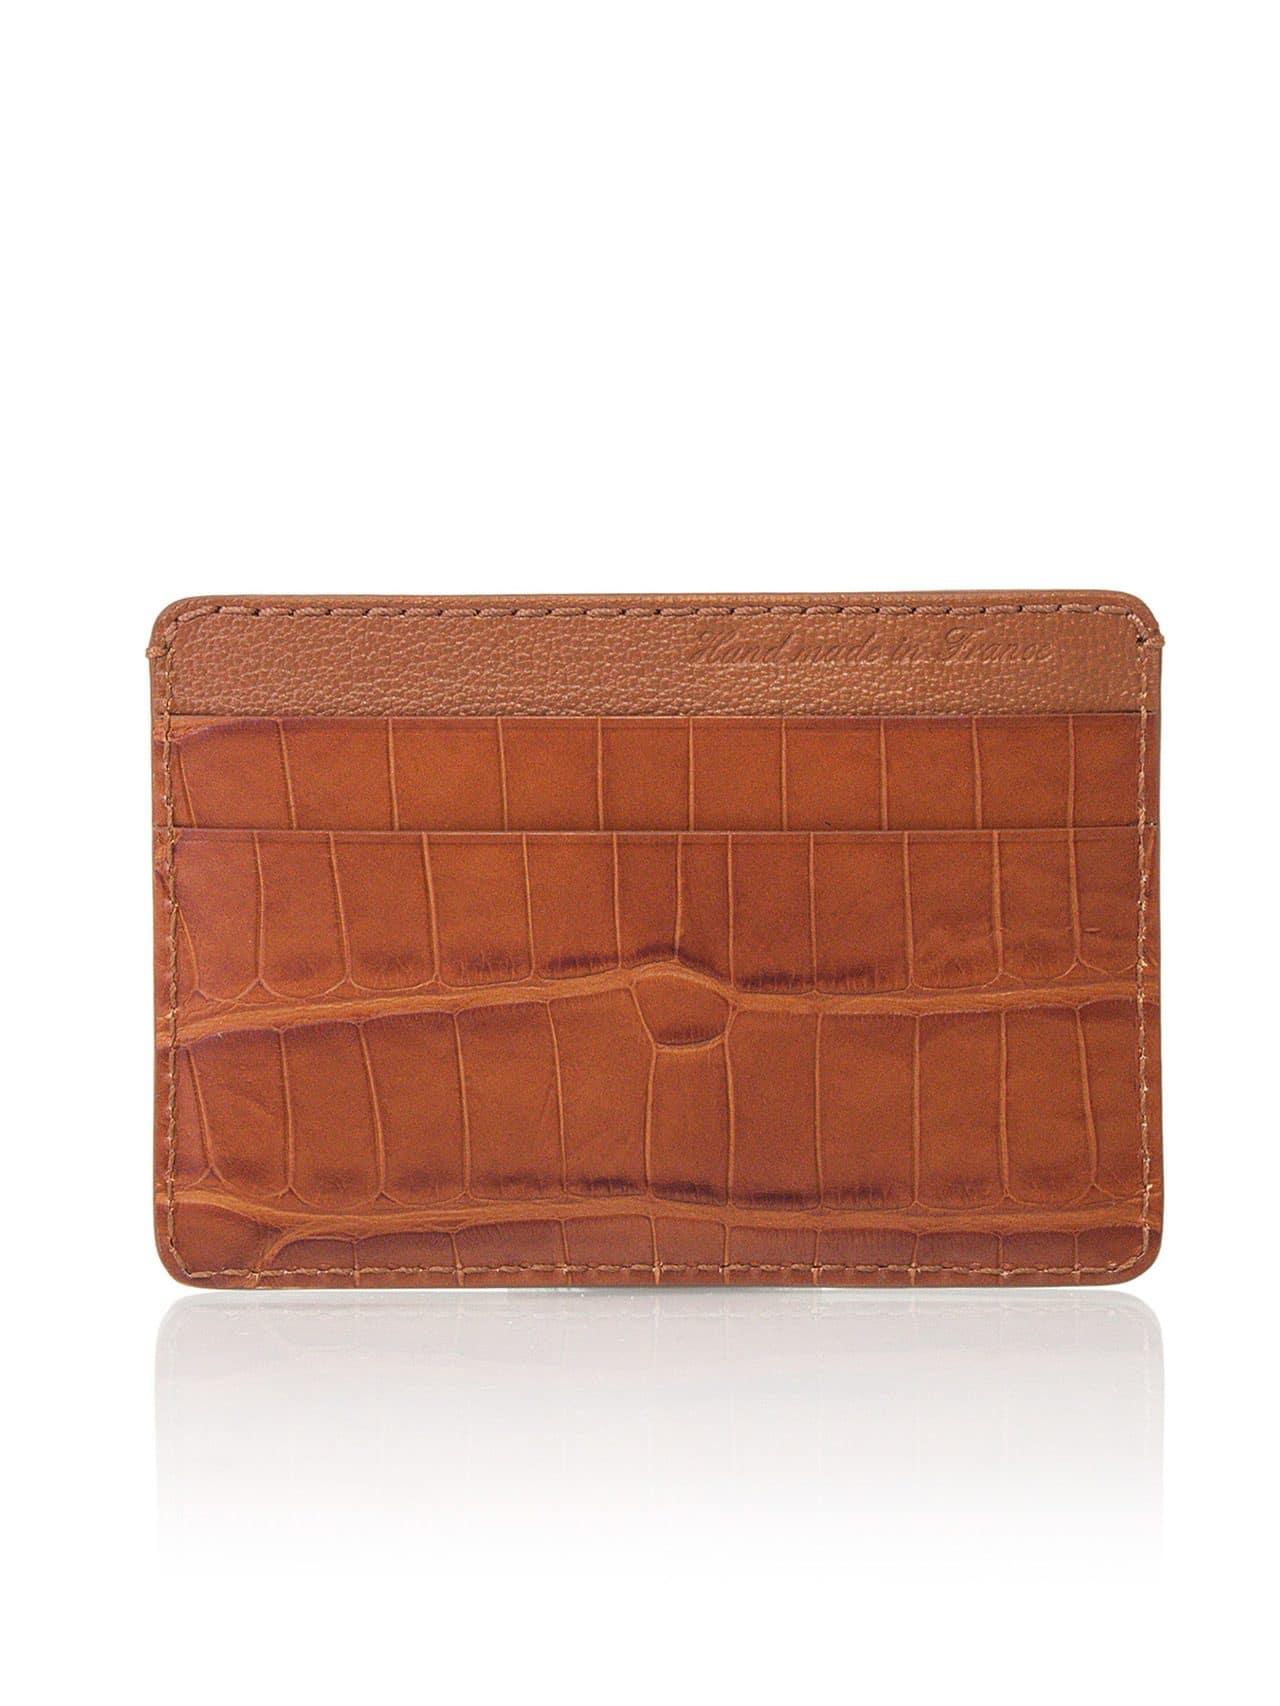 card holder leather men